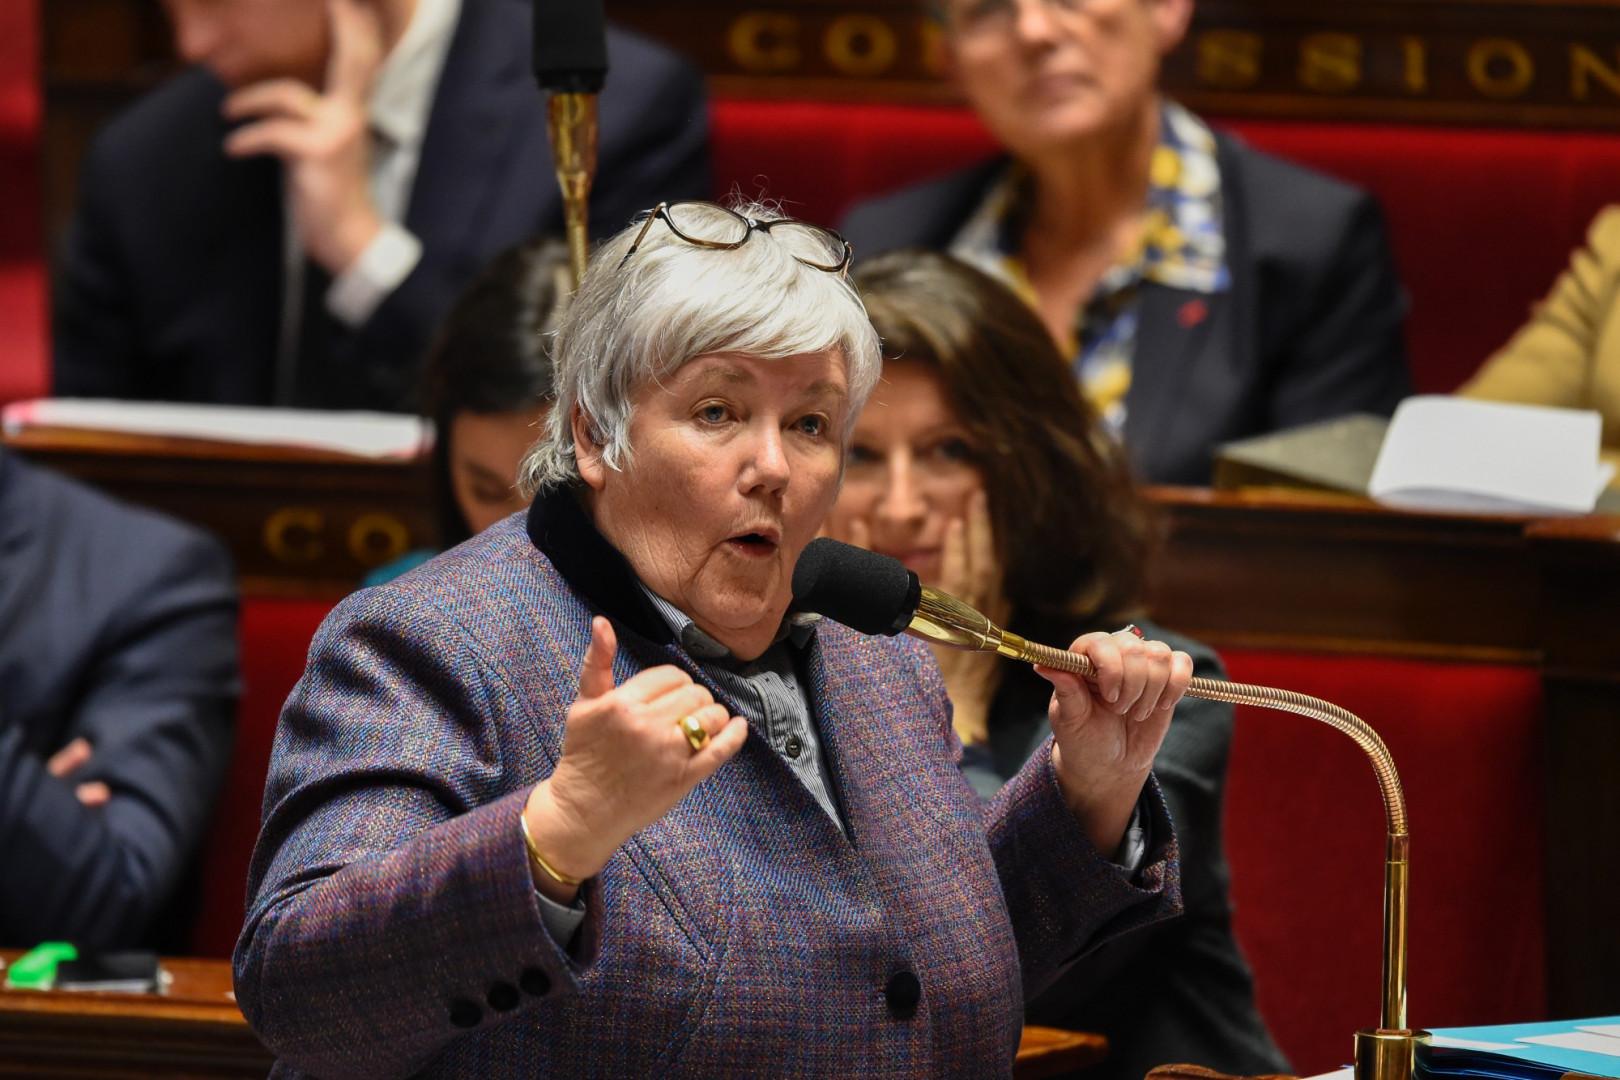 Jacqueline Gourault a été confirmée en tant que ministre de la Cohésion des territoires et des Relations avec les collectivités territoriales